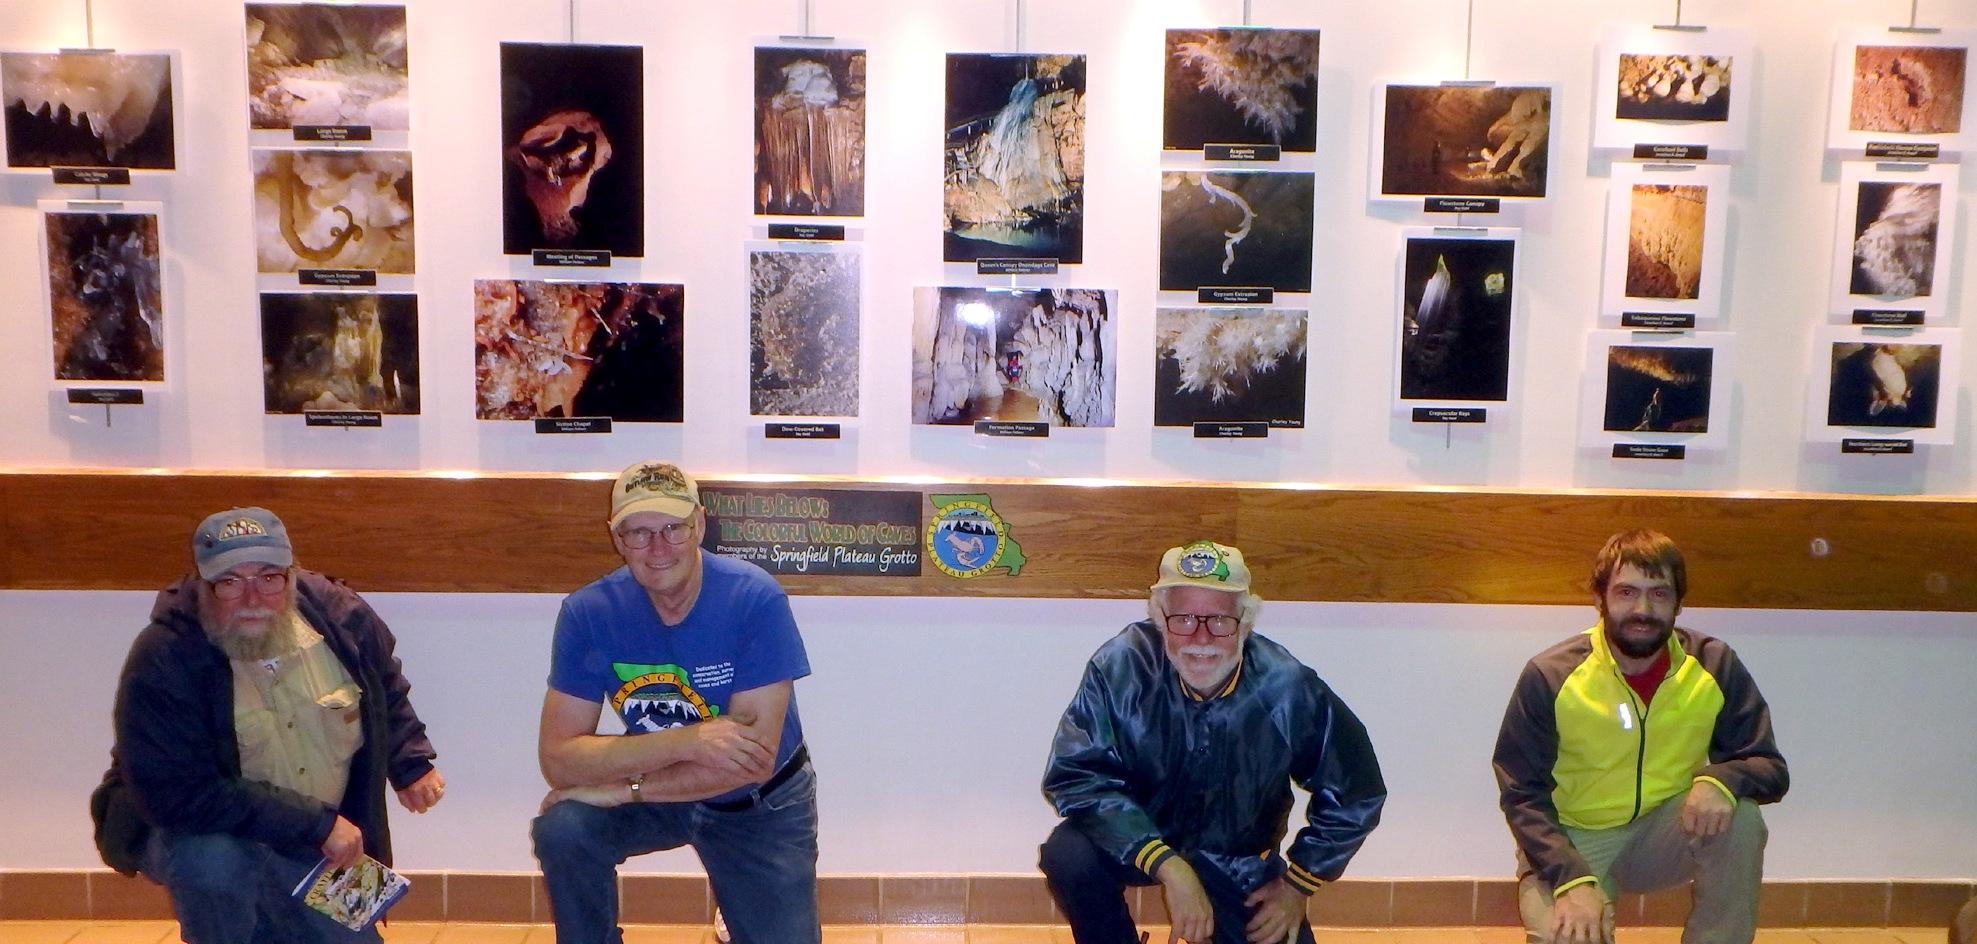 SPH Cave Photo Exhibit